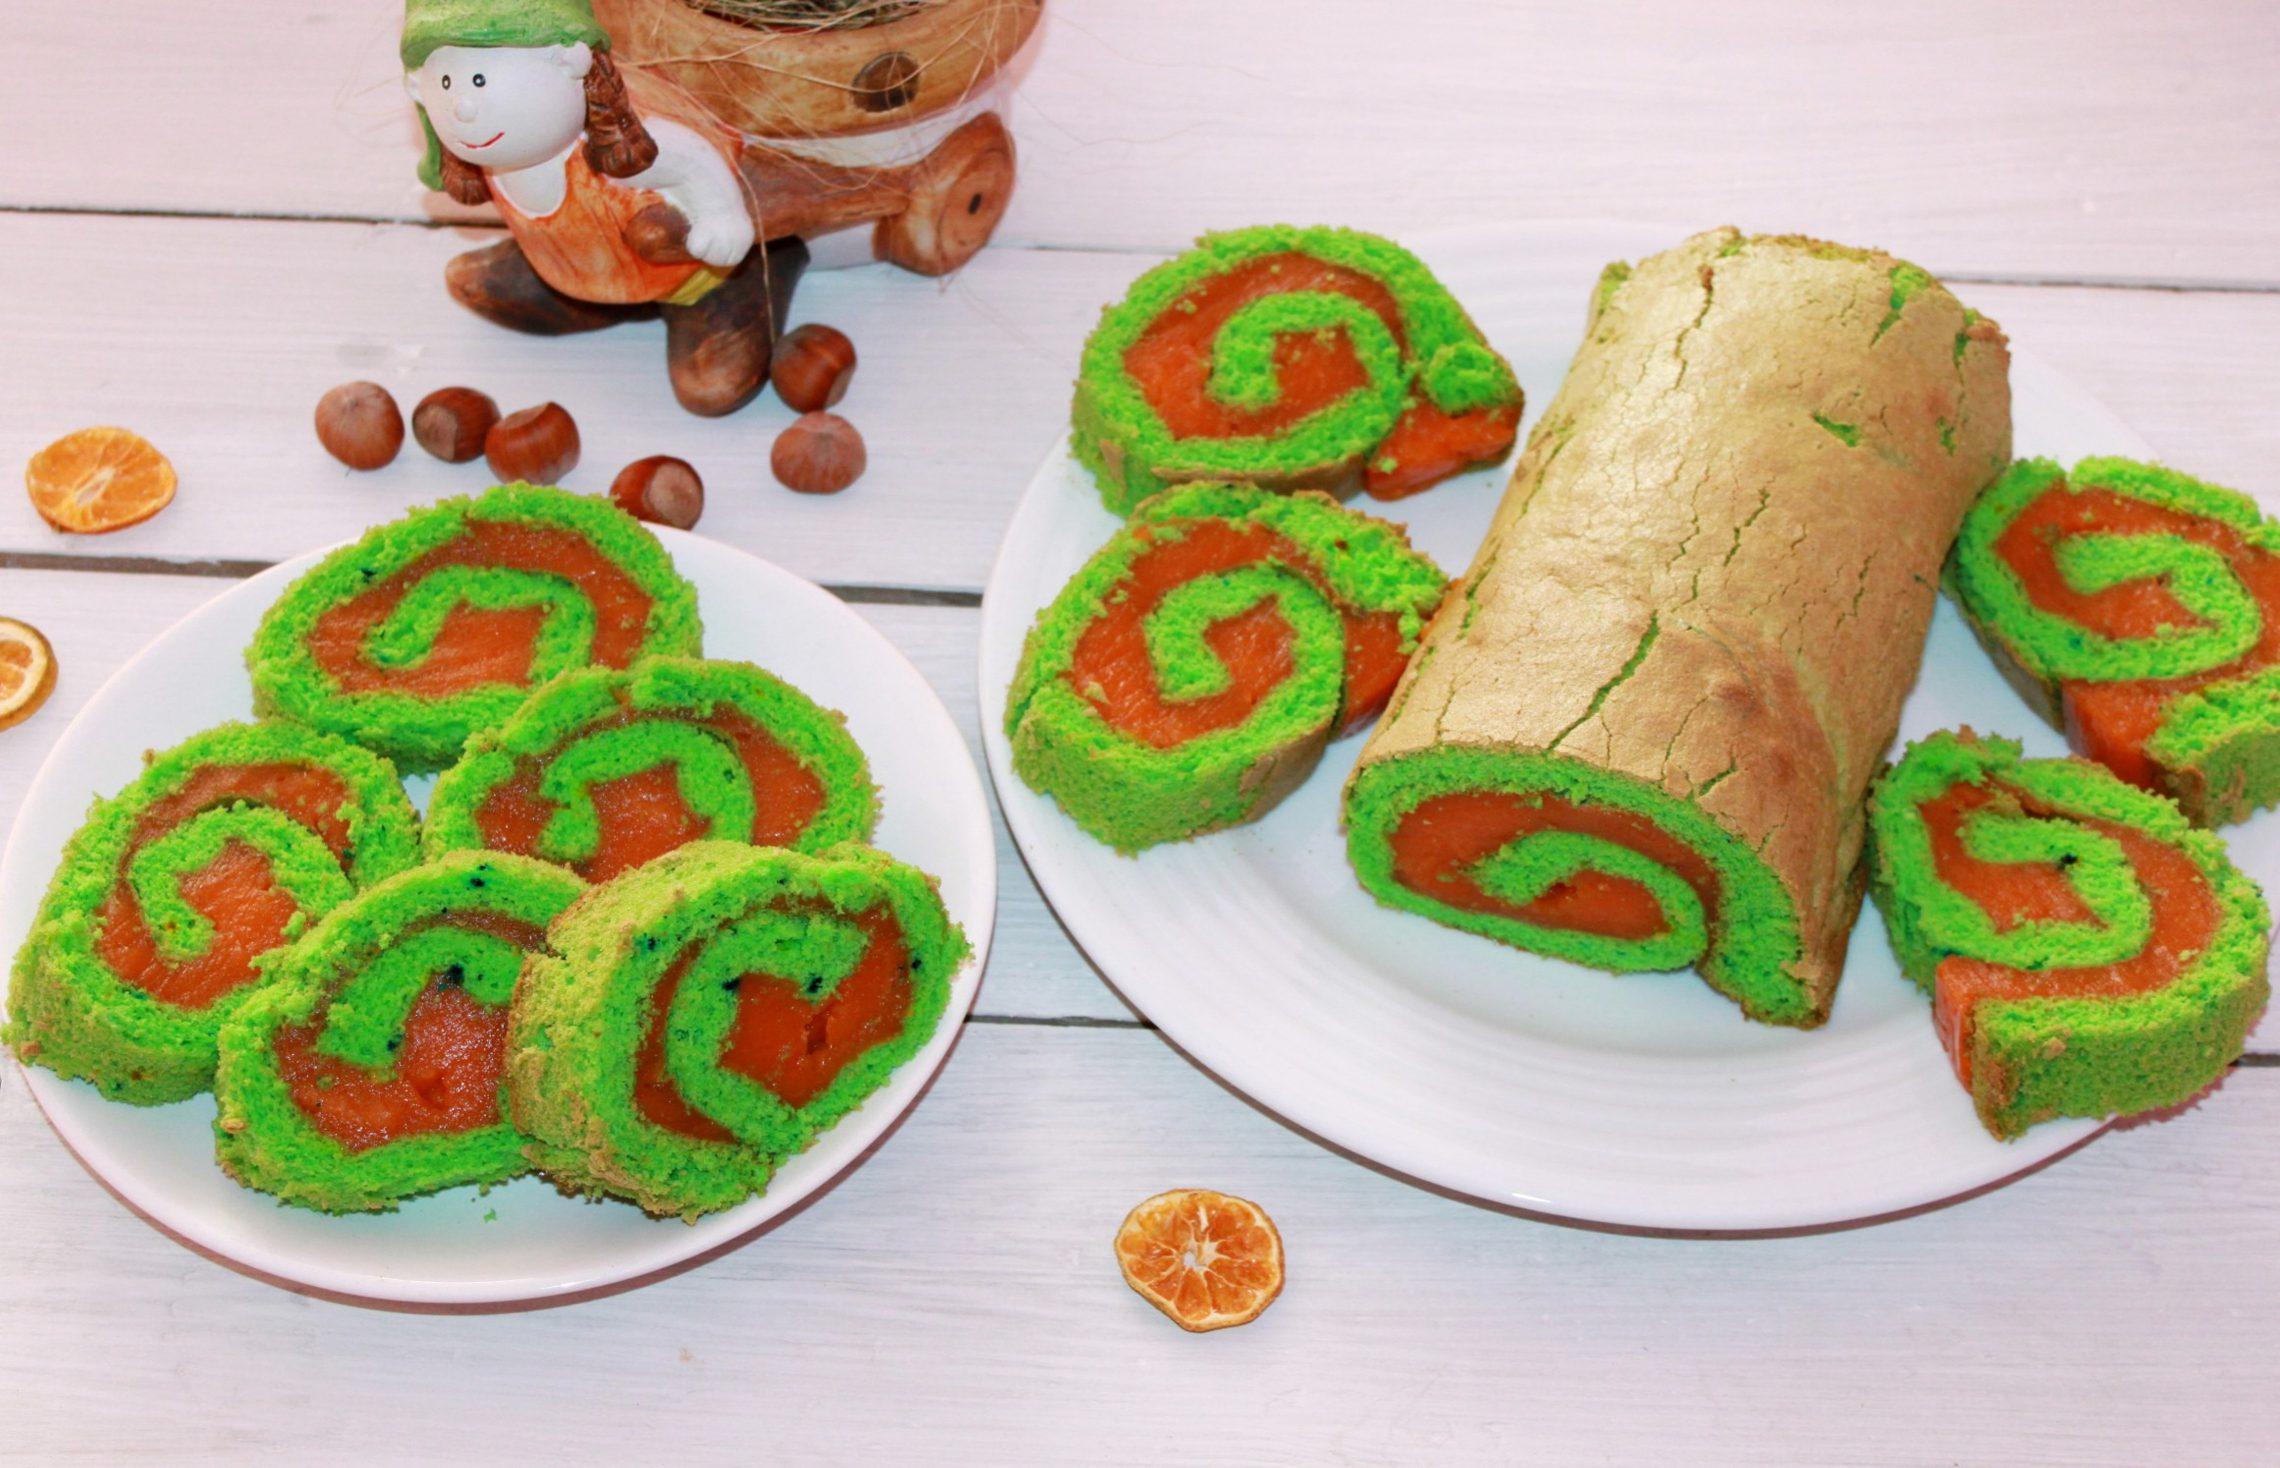 Rolada zielona z sokiem marchewkowym